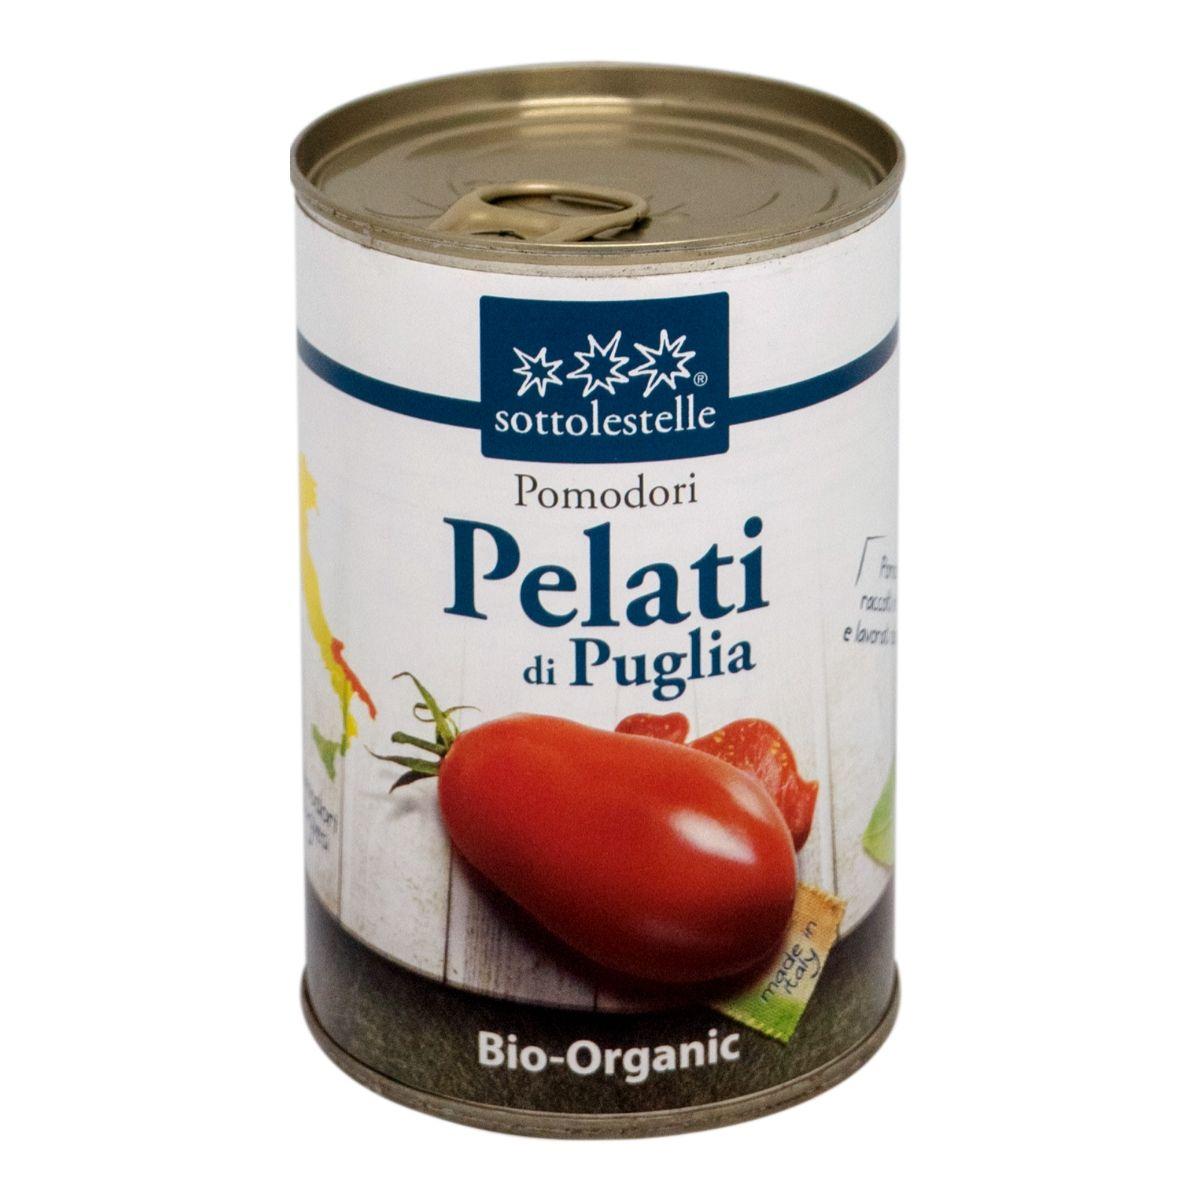 8032454001038 A Cà chua Ý hữu cơ bóc vỏ Sotto 400g - Pomodori Pelati di Puglia